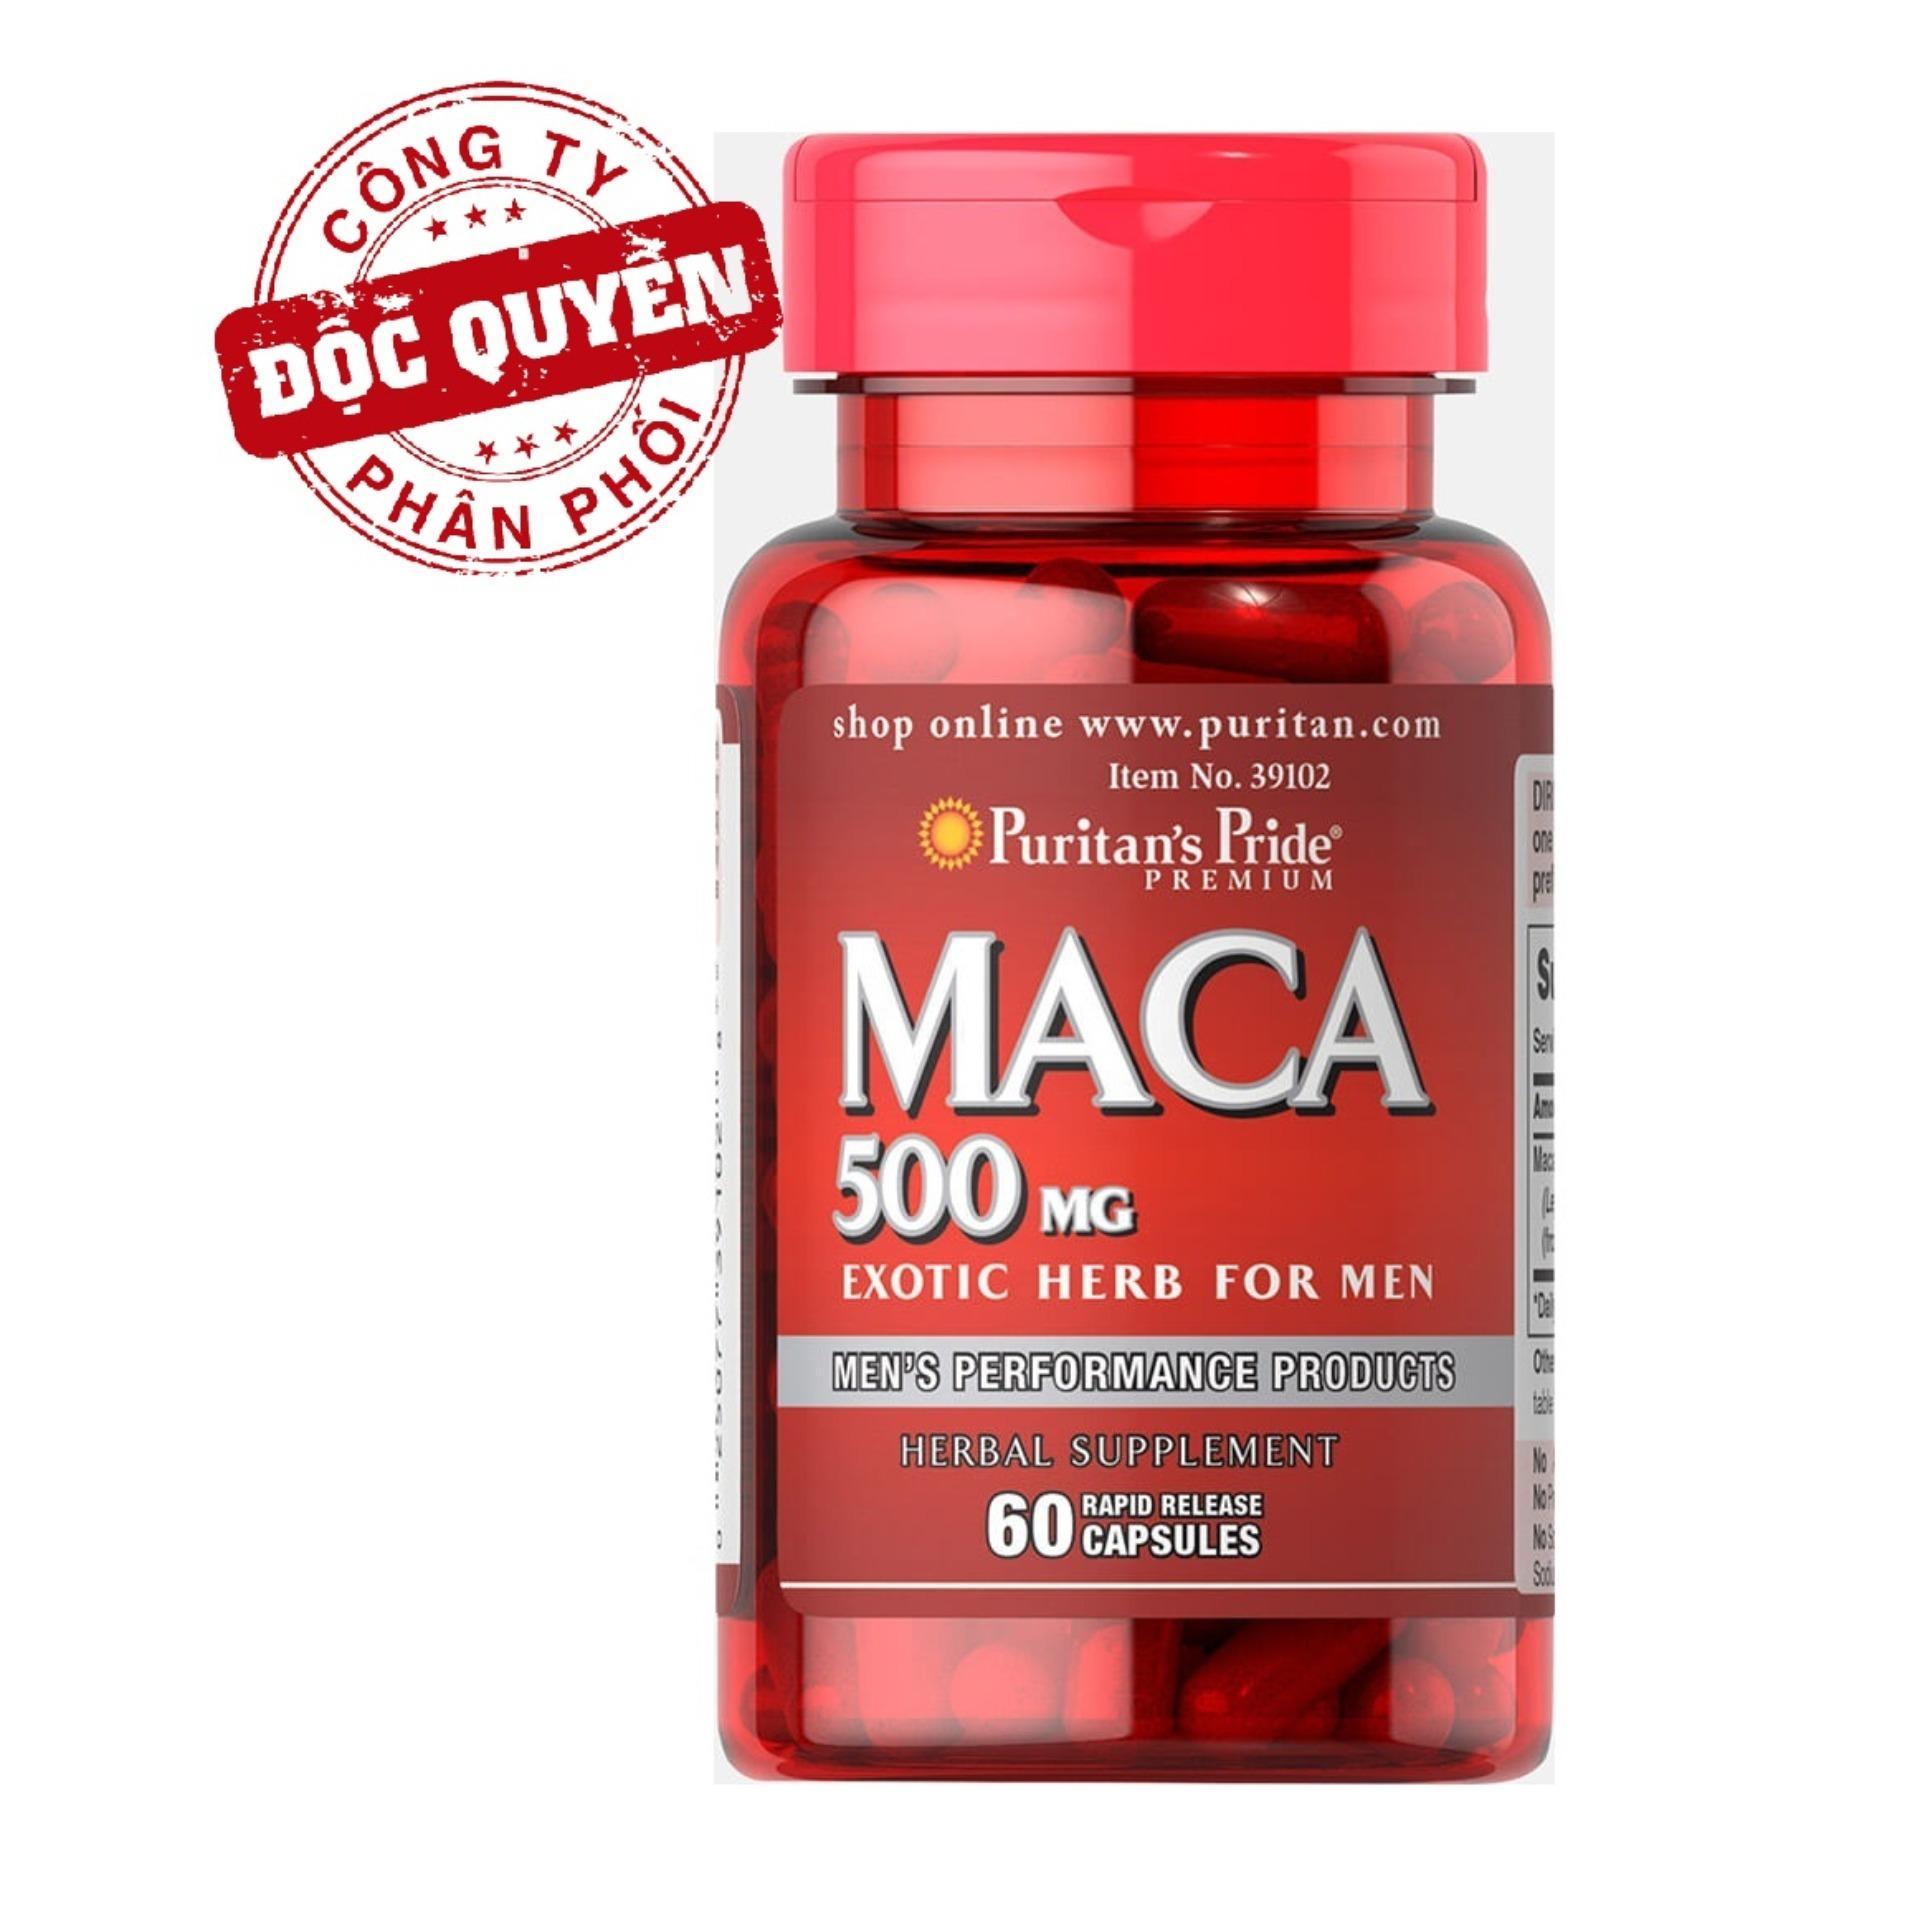 Viên uống tăng cường sinh lực Puritans Pride Primium Maca Exotic Herb For Men 500mg 60 viên